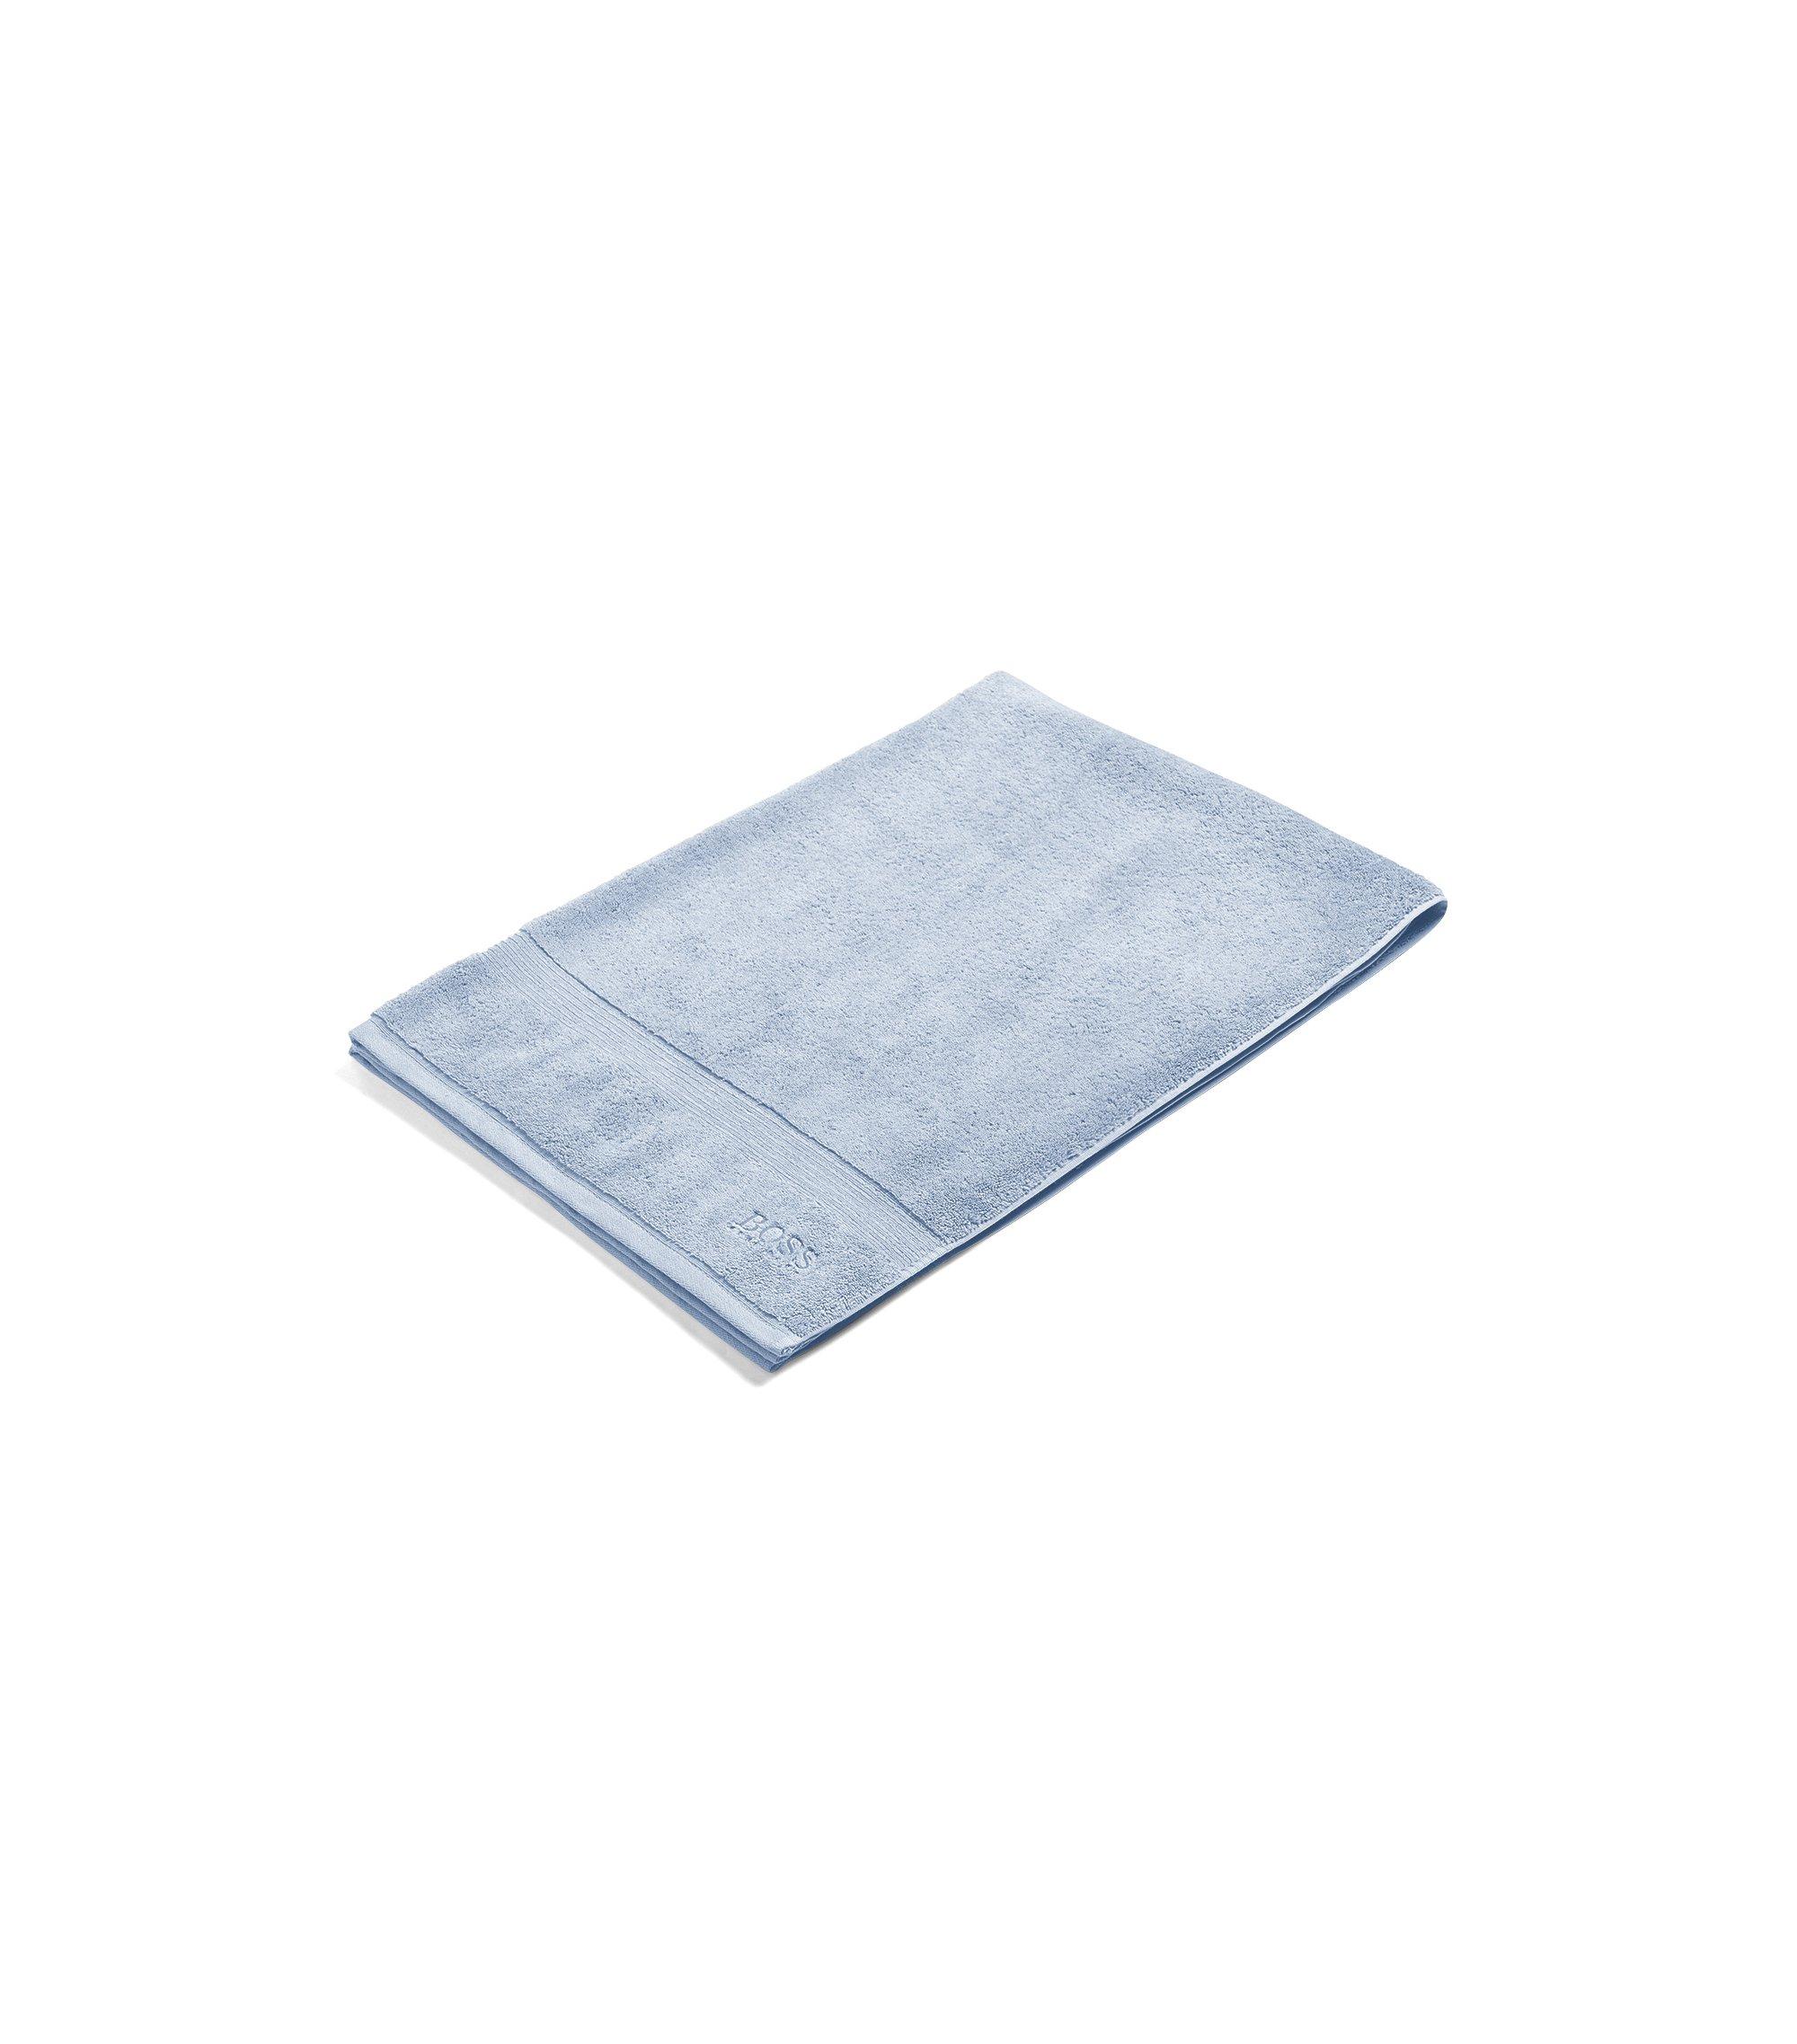 Badhanddoek van gekamde Egeïsche katoen met geribde rand, Lichtblauw